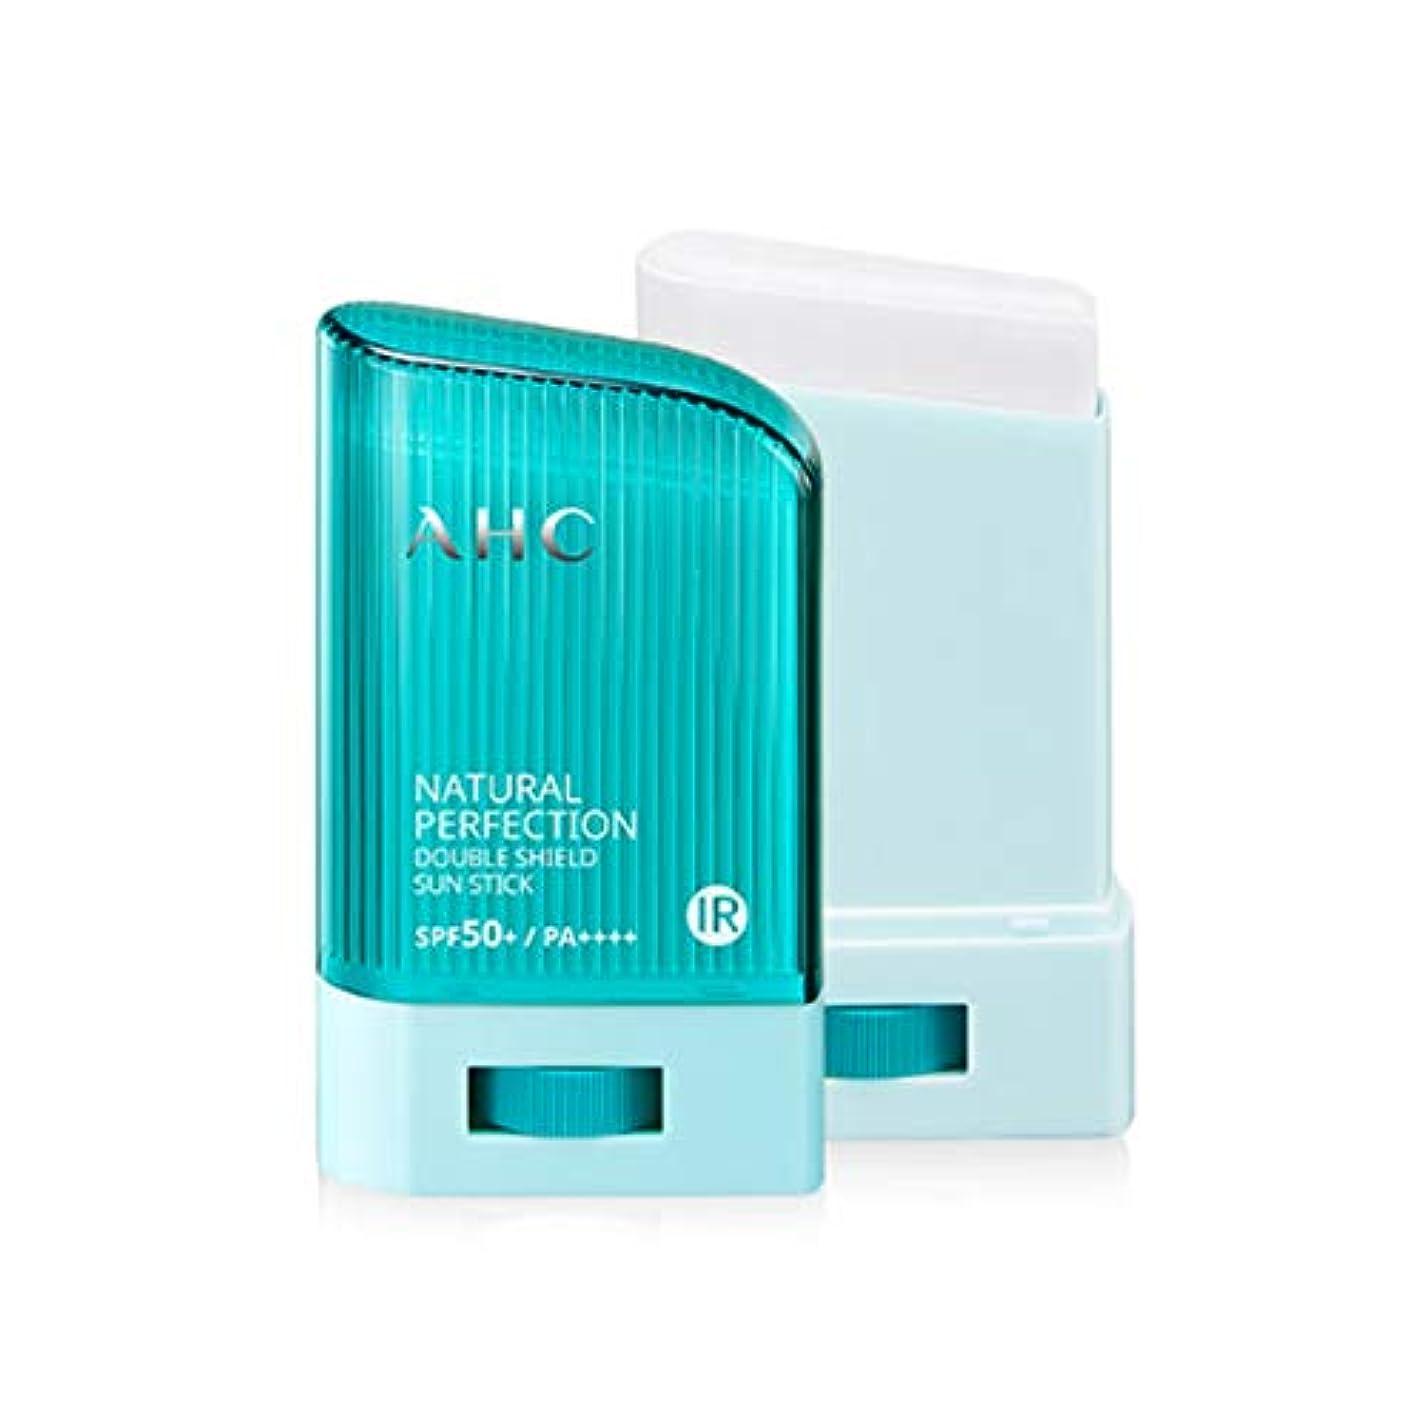 パッケージ炎上元気AHC ナチュラルパーフェクションダブルシールドサンスティック ブルー Natural Perfection Double Shield Sun Stick BLUE [並行輸入品] (22g)